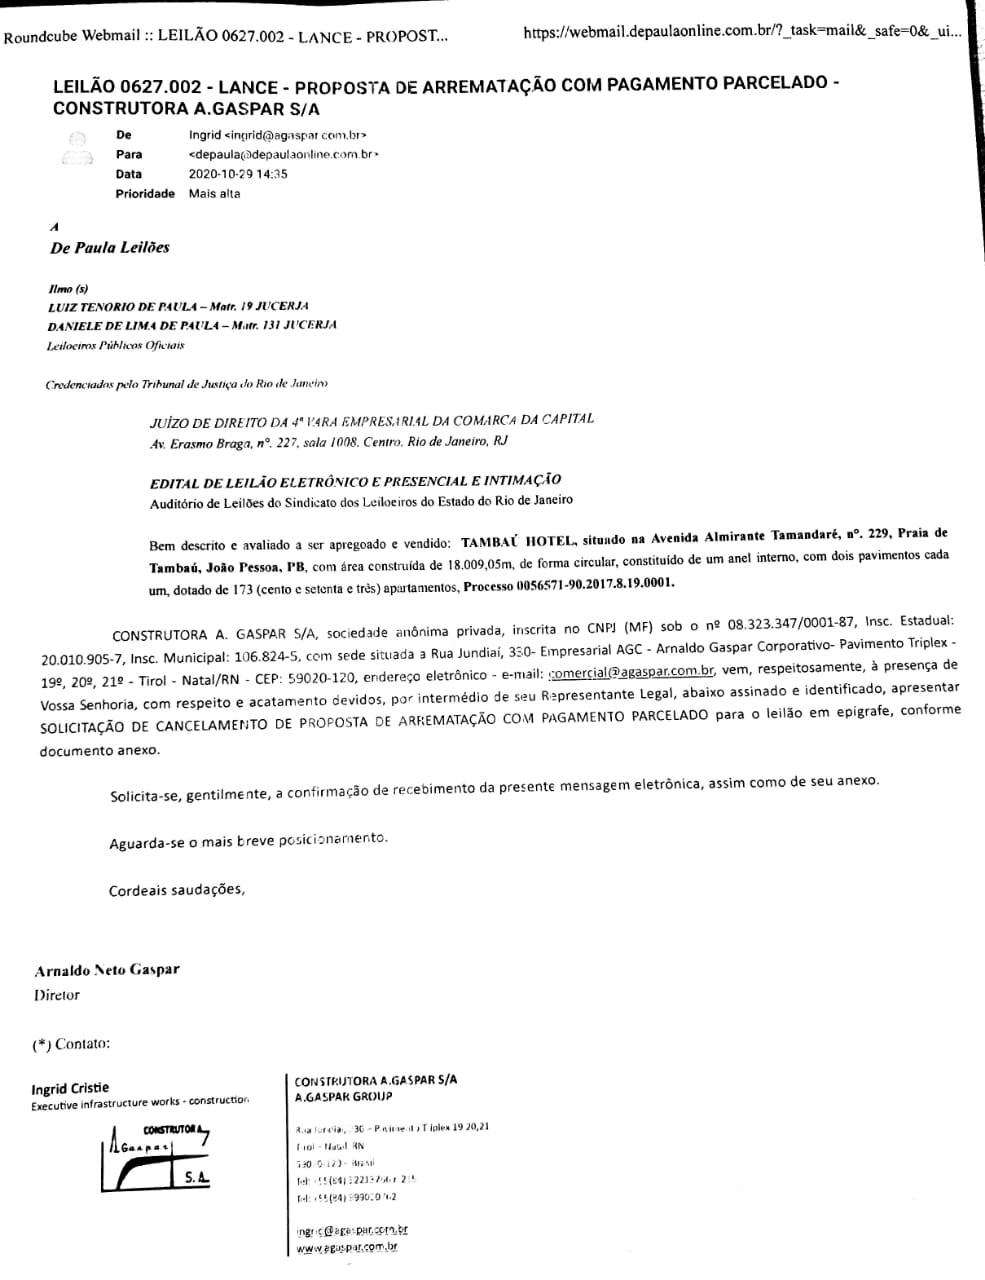 WhatsApp Image 2020 10 29 at 16.56.48 - NA VELOCIDADE DA LUZ: empresa que arrematou o Hotel Tambaú desiste da compra, e segundo lance deve ser contemplado; veja documento